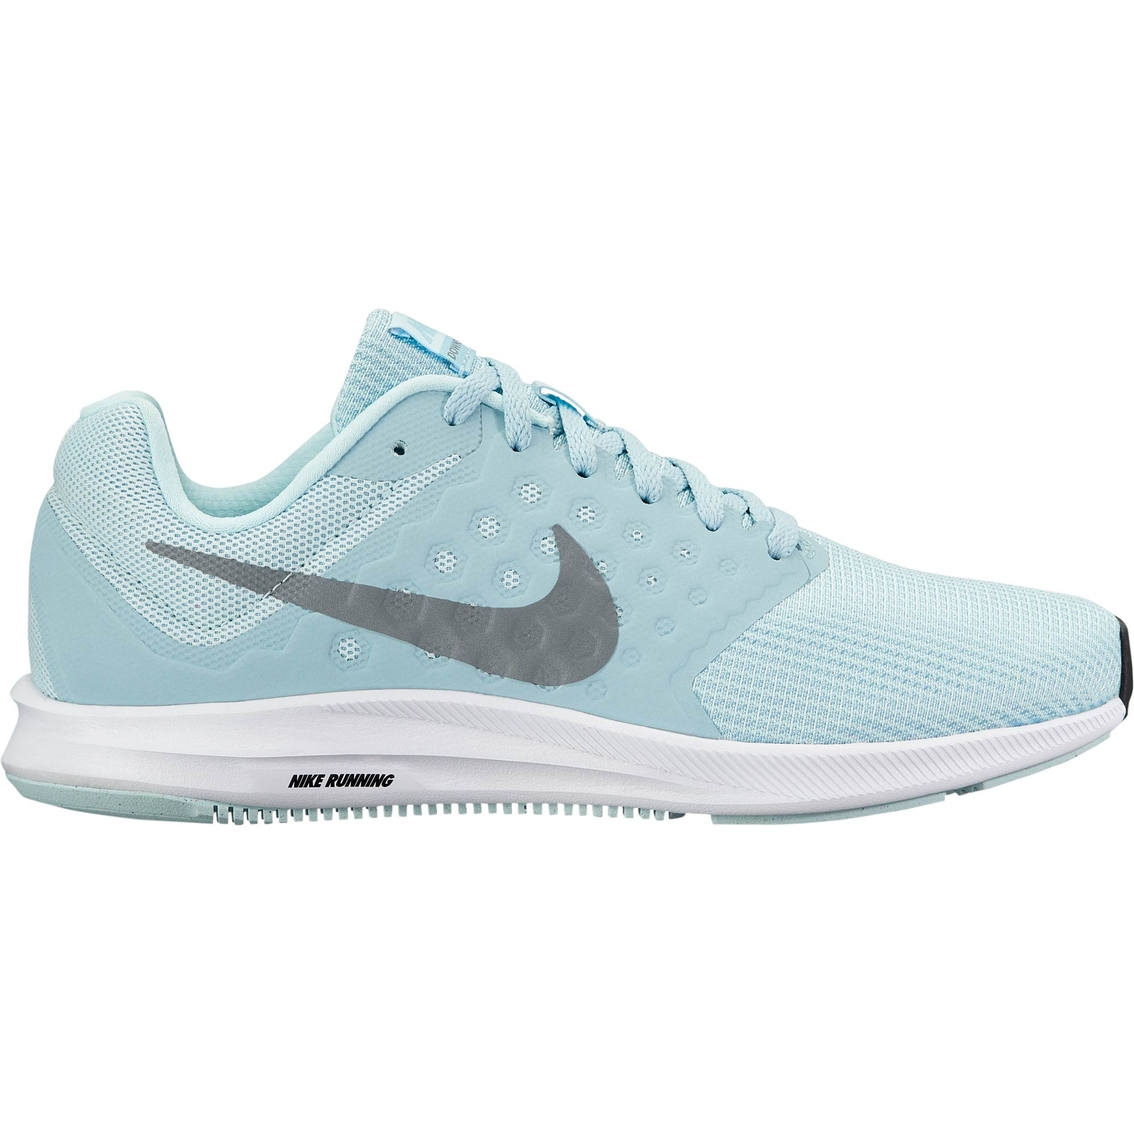 1716b4177daa4 Nike Women s Downshifter 7 Running Shoes